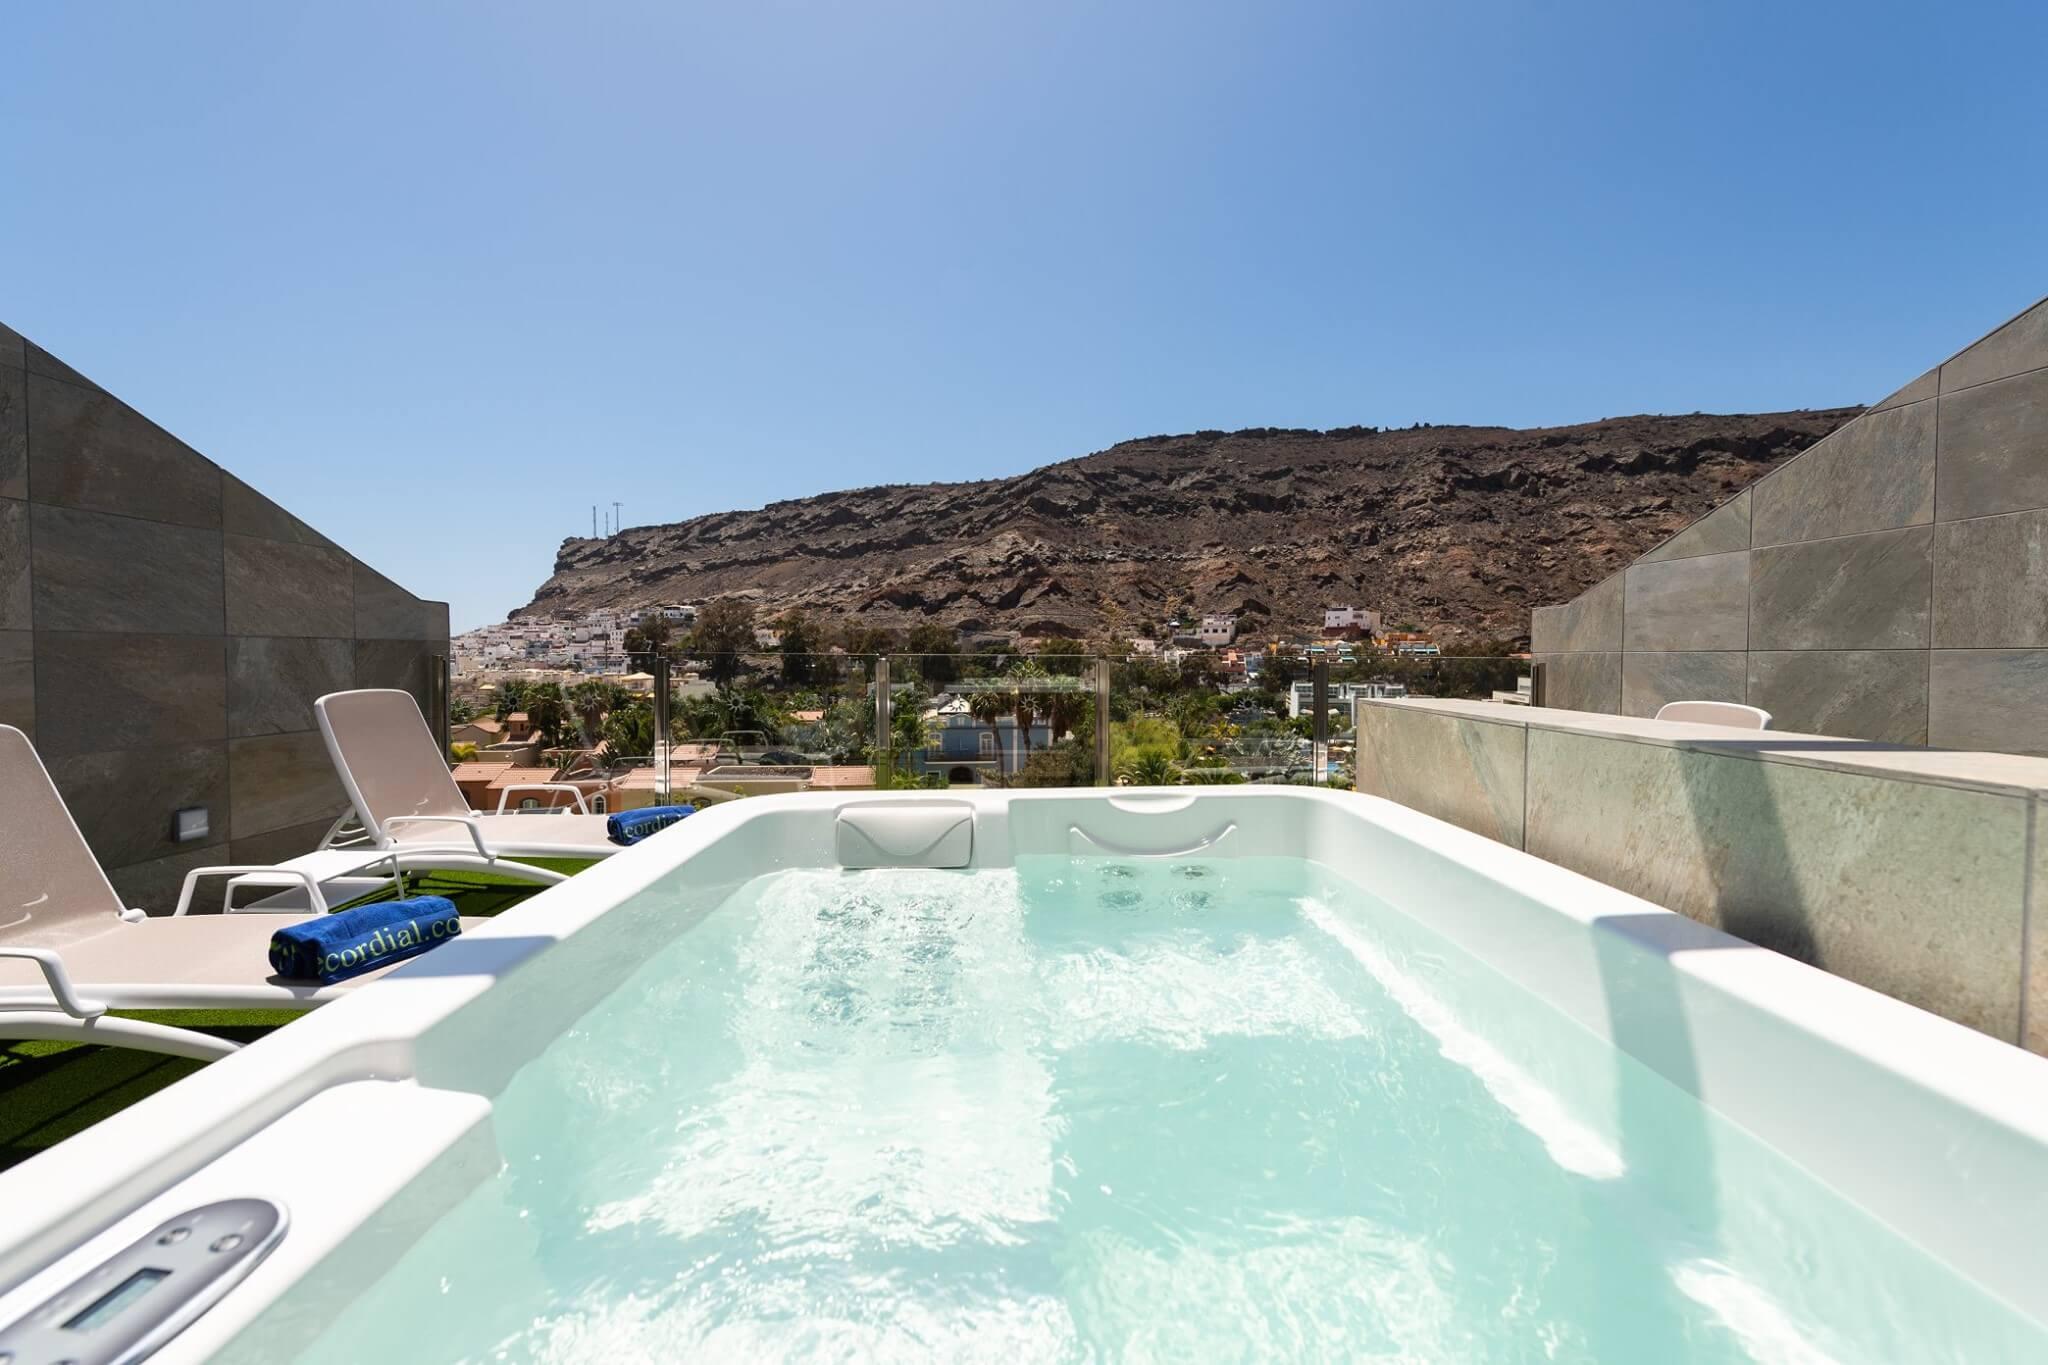 Vistas terraza en cubierta desde bañera hidromasaje